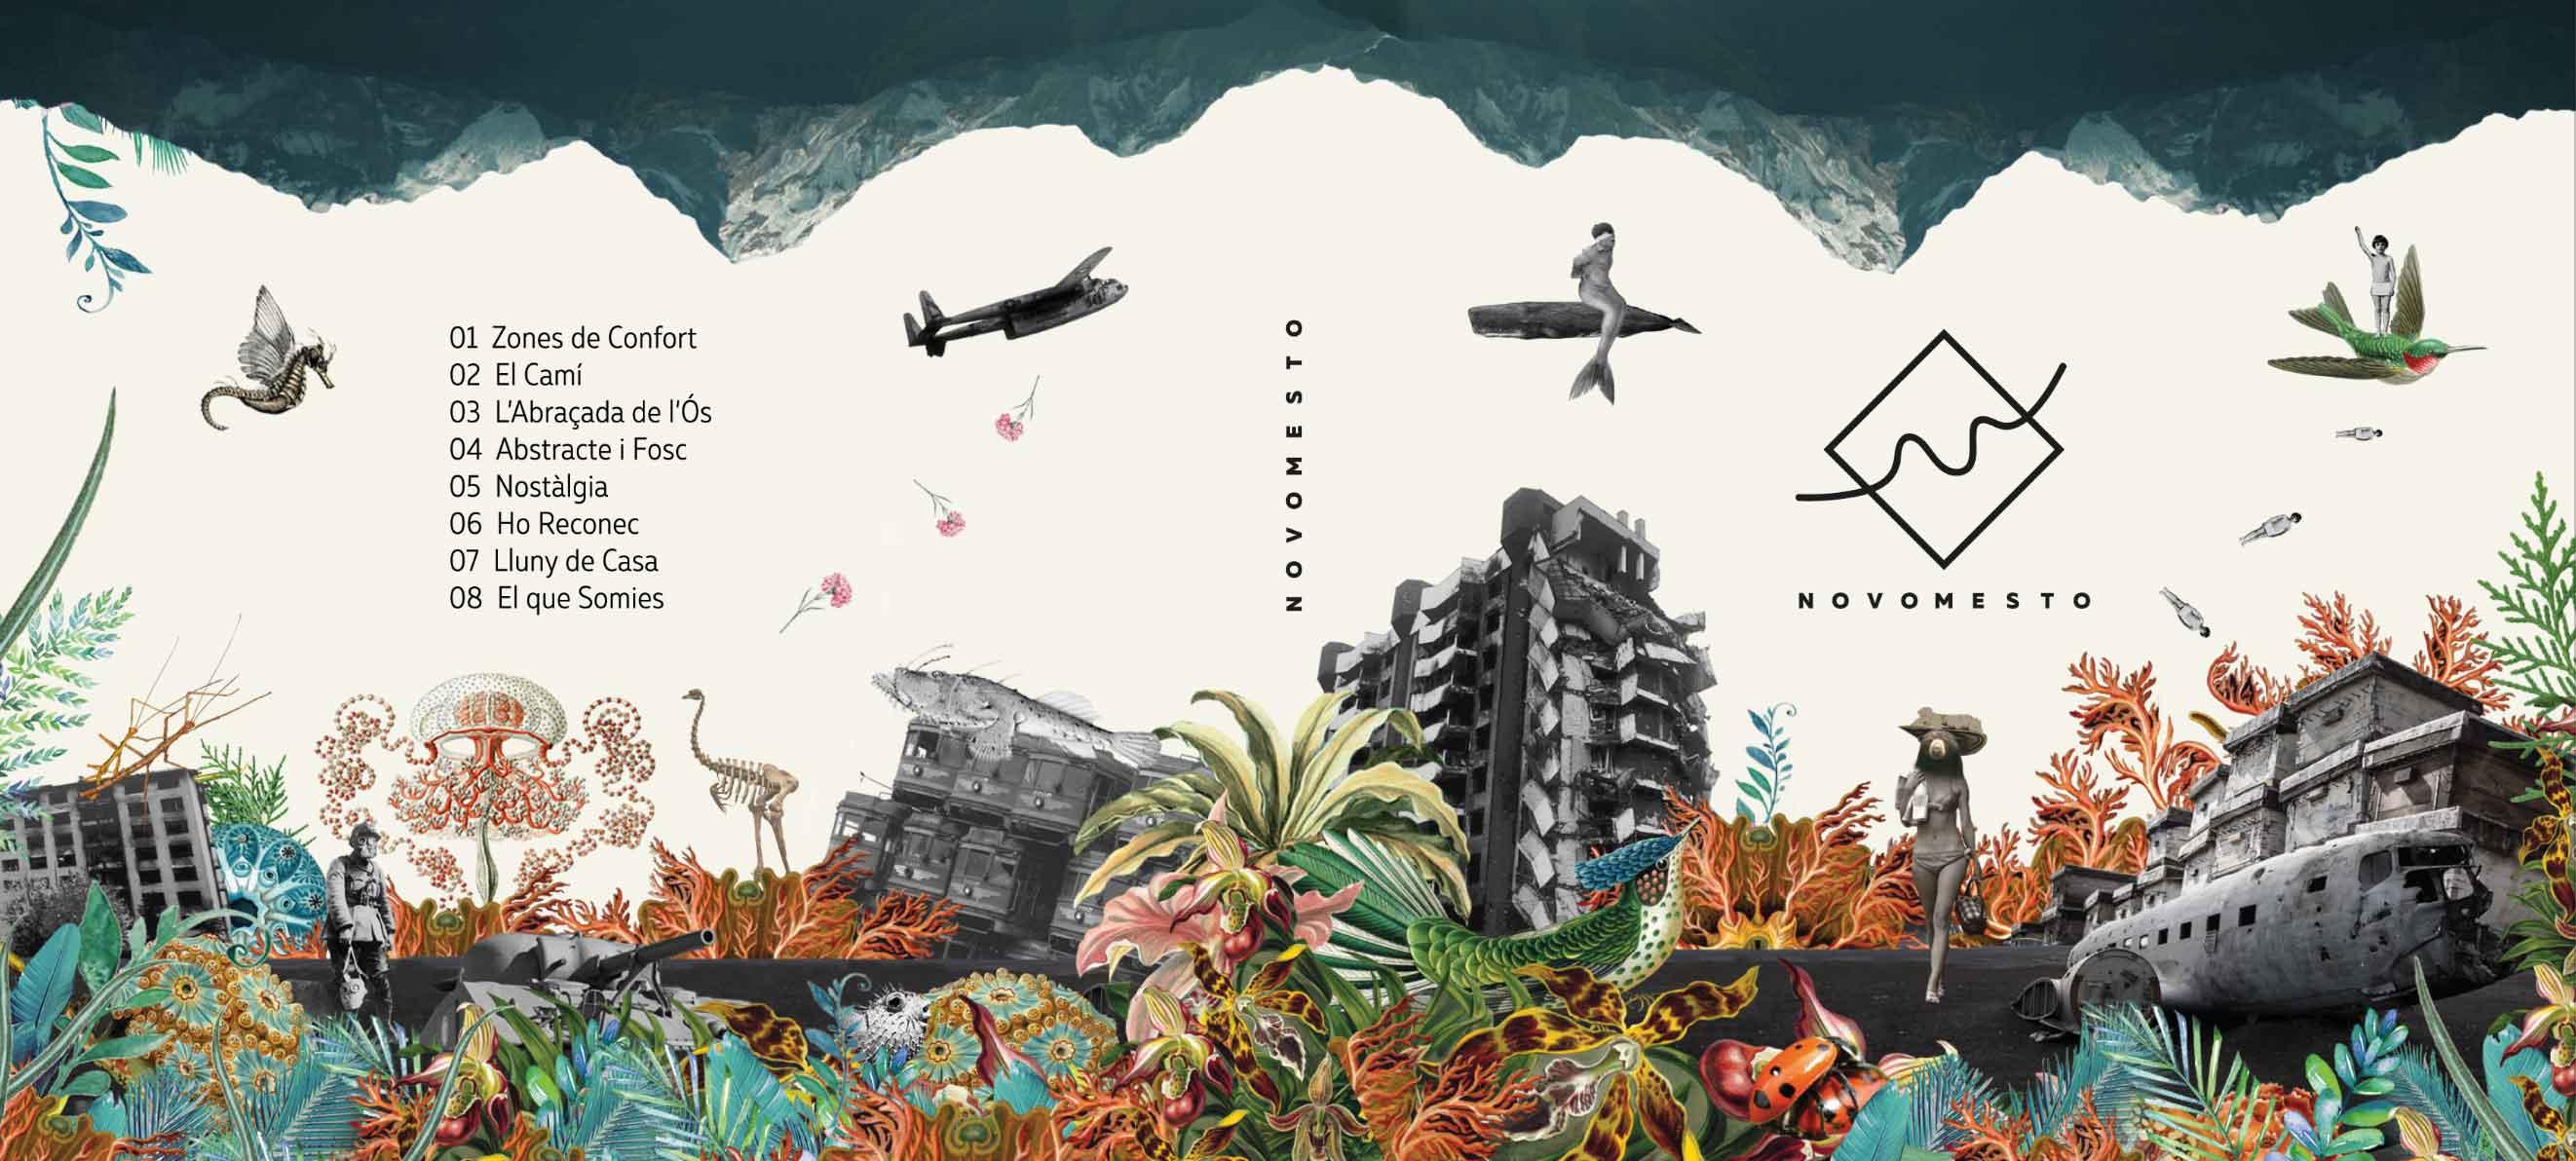 Novomesto Disseny Grafic Art Work Disculpi Studio Angels Pinyol Vilafranca del Penedes War - NOVOMESTO - Art Work i disseny del nou cd del grup